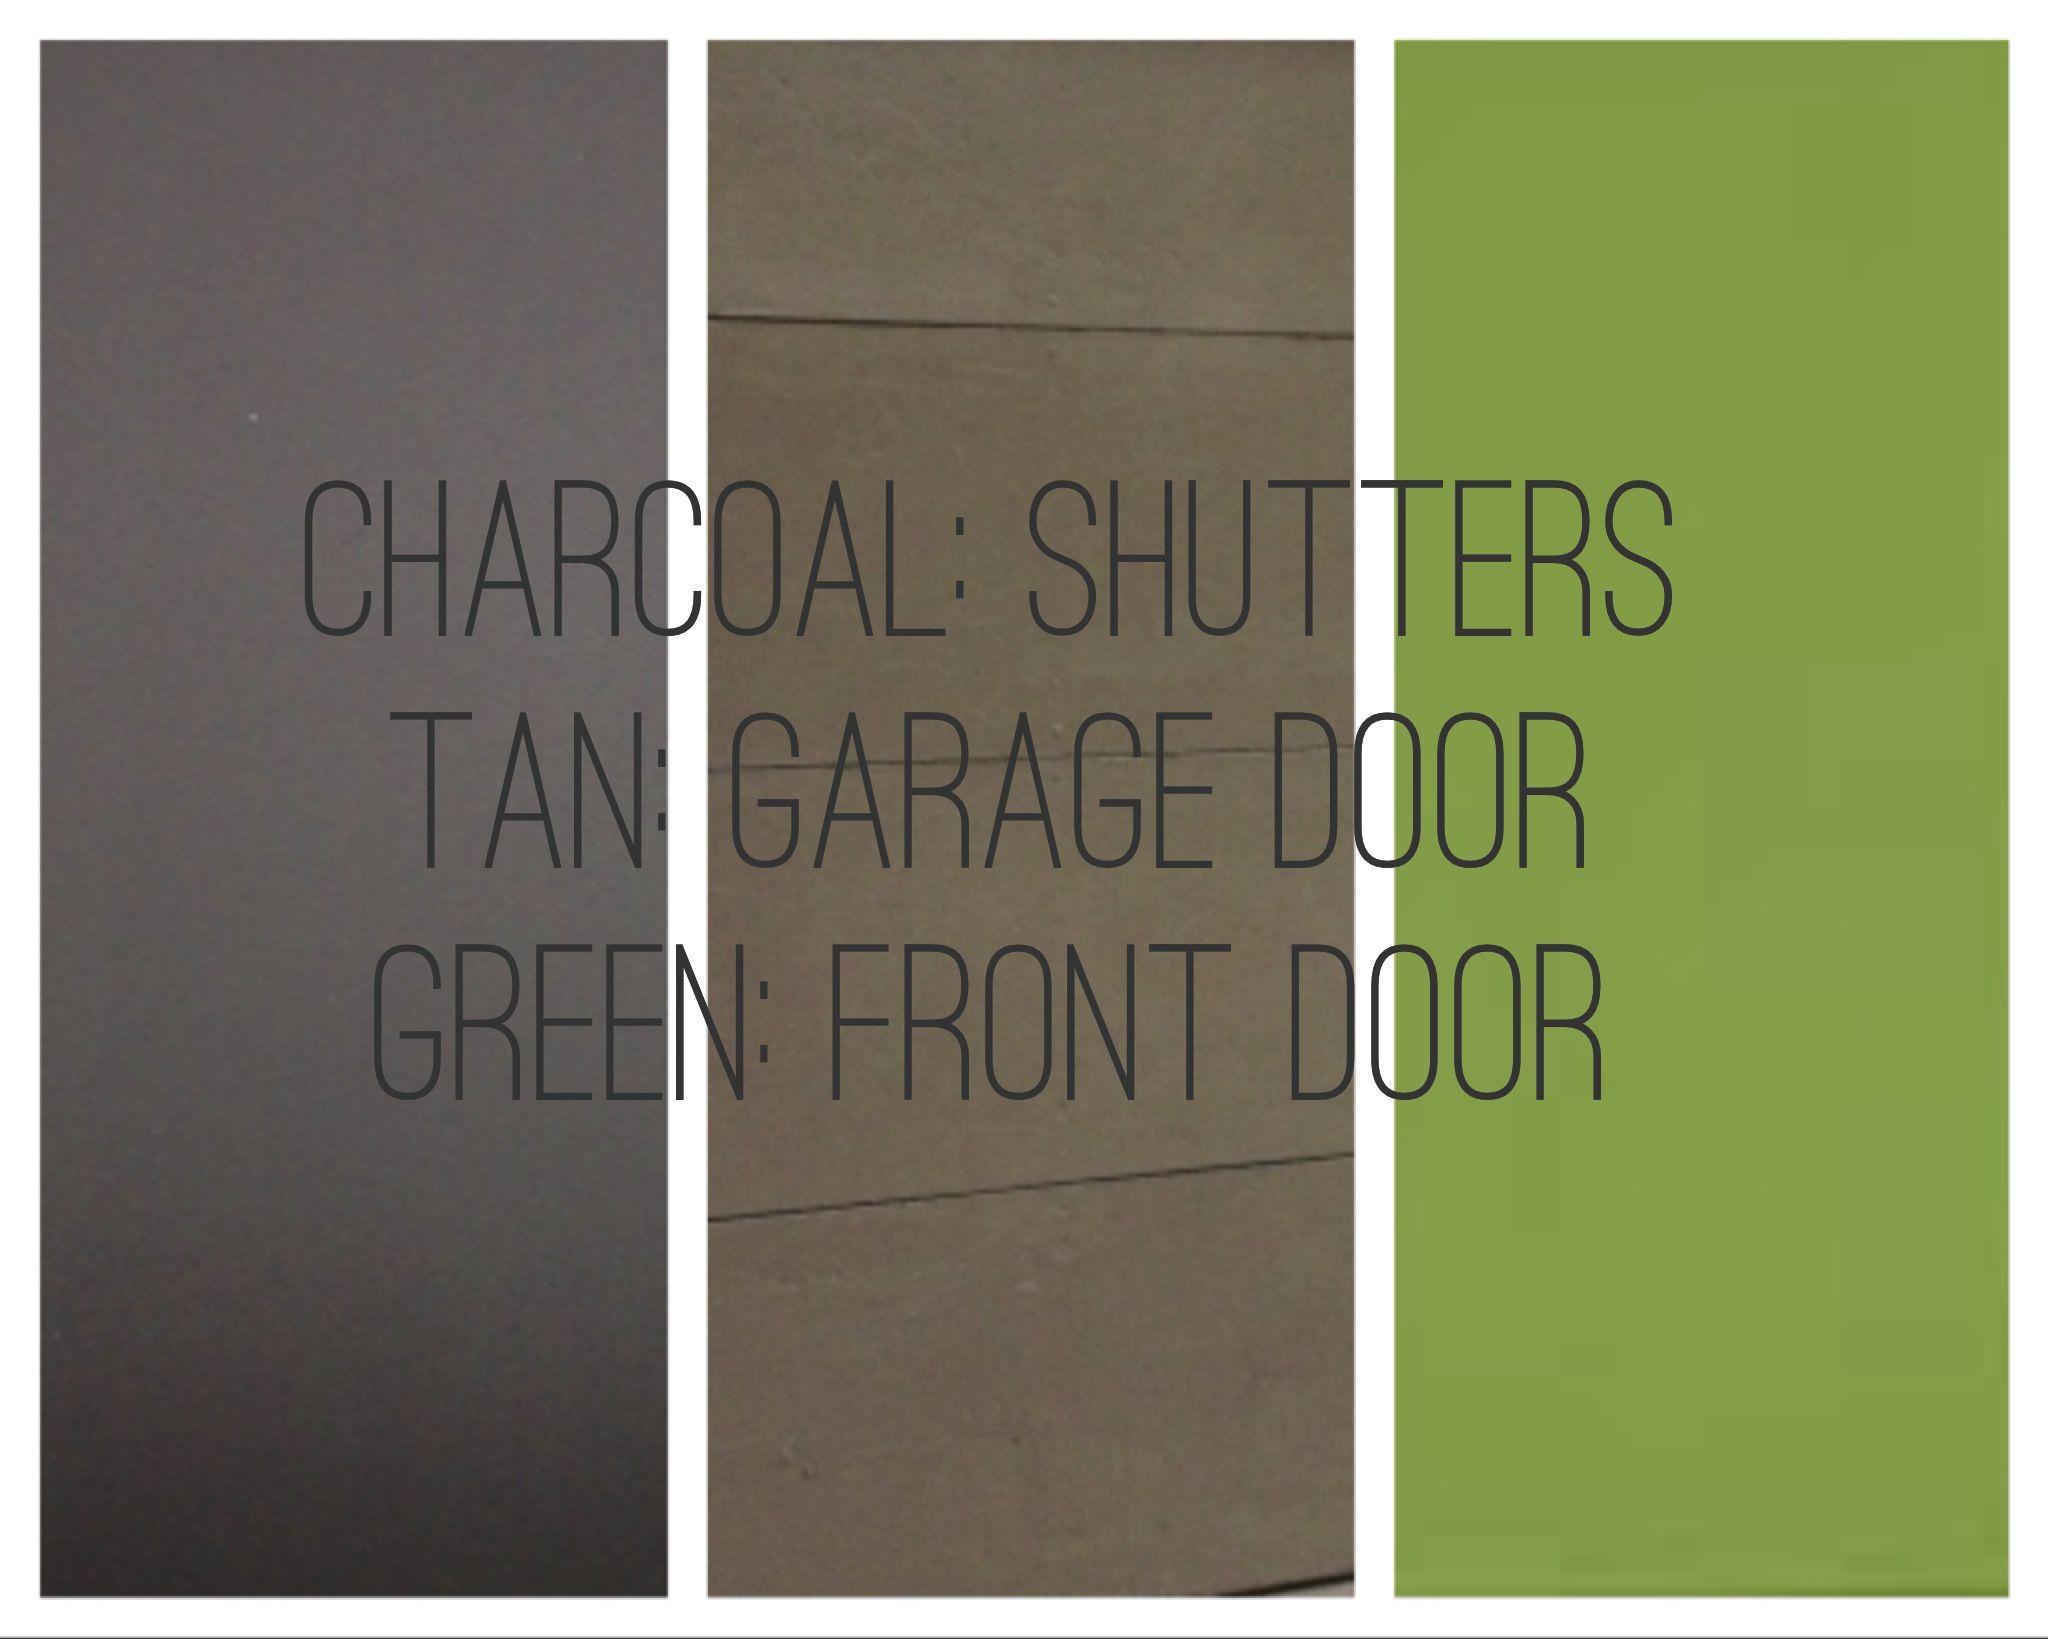 Green Front Door Charcoal Shutters Tan Garage Trim